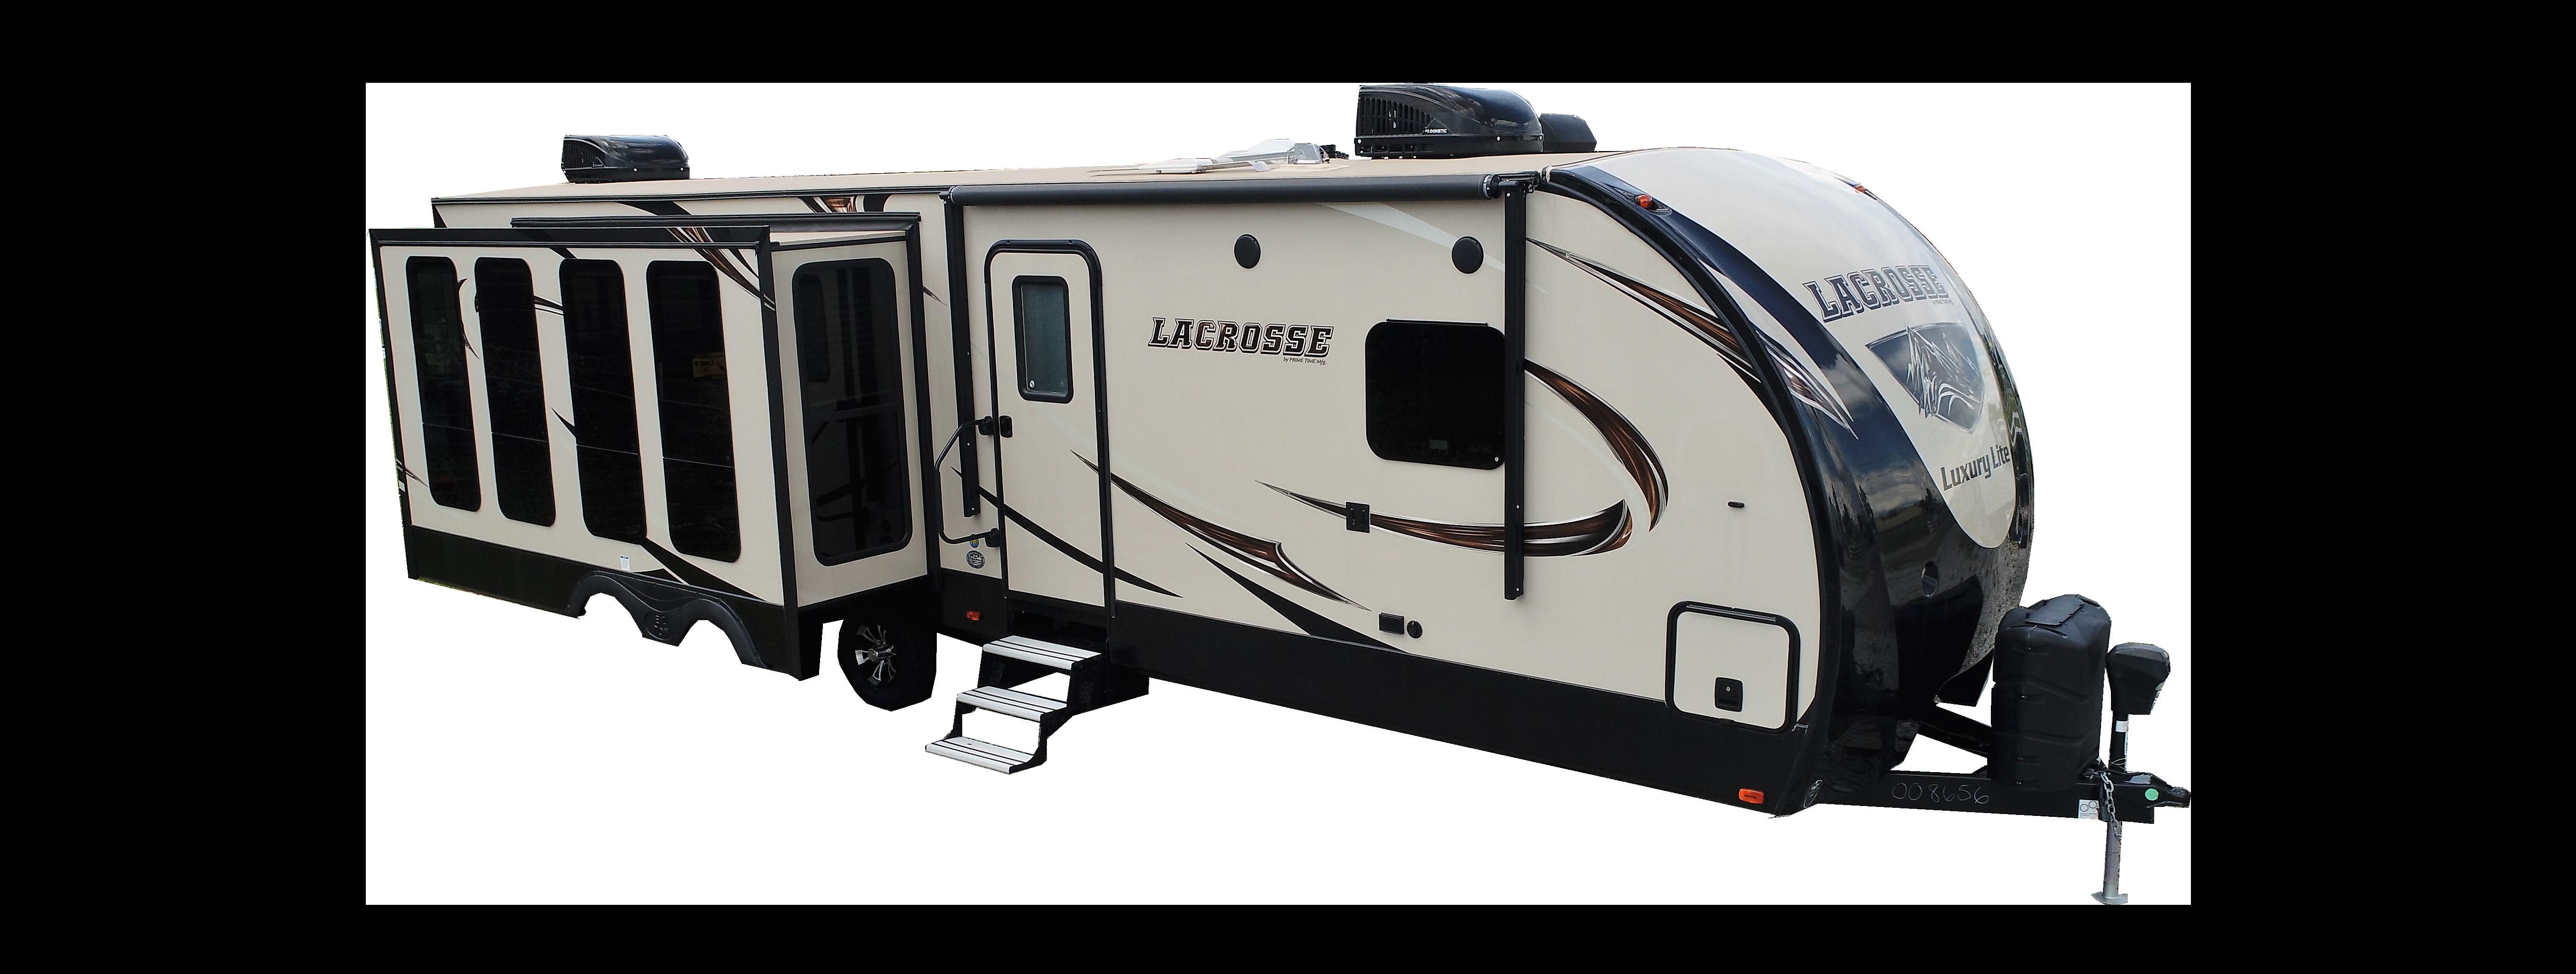 Camper Kingdom - Meridian & Florence, Mississippi - Offering New